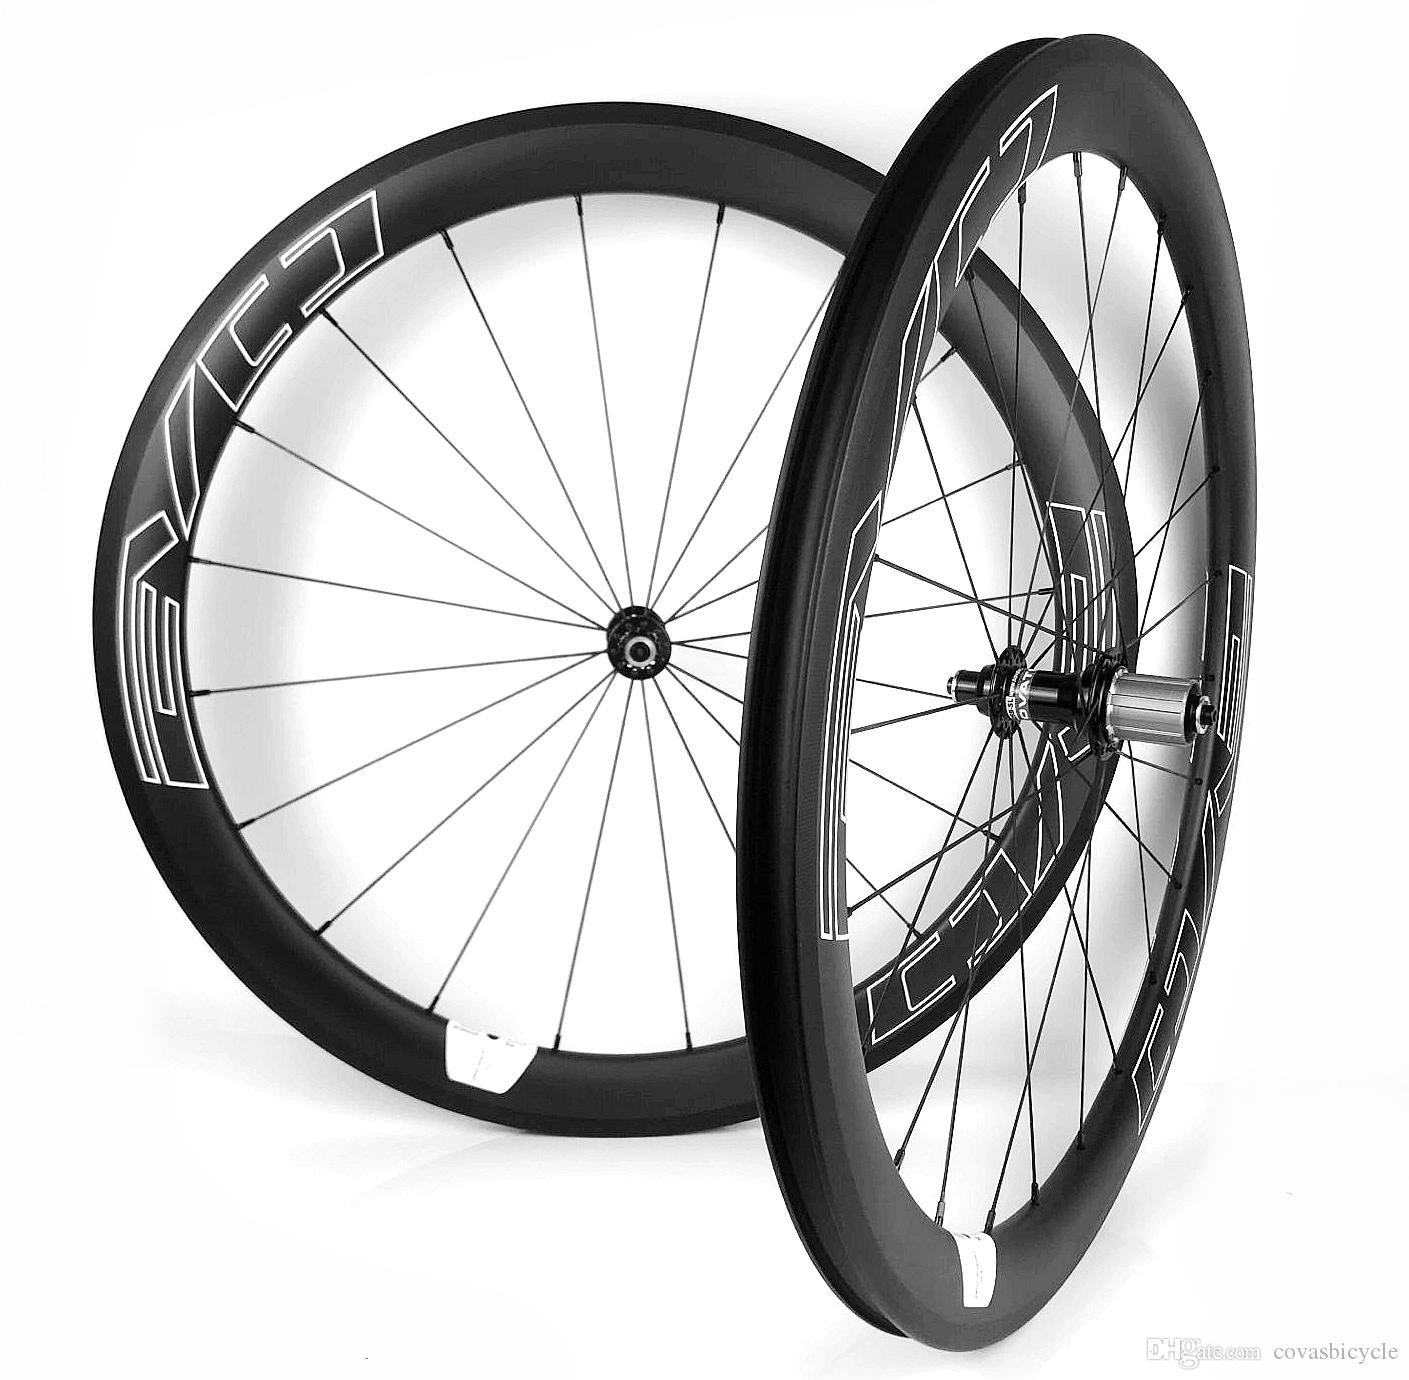 Les décalcomanies EVO blanc 700C route des roues de carbone de vélo profondeur de 50 mm 25 mm Largeur de pneu / route tubulaire carbone bicyclette essieu fini mat UD